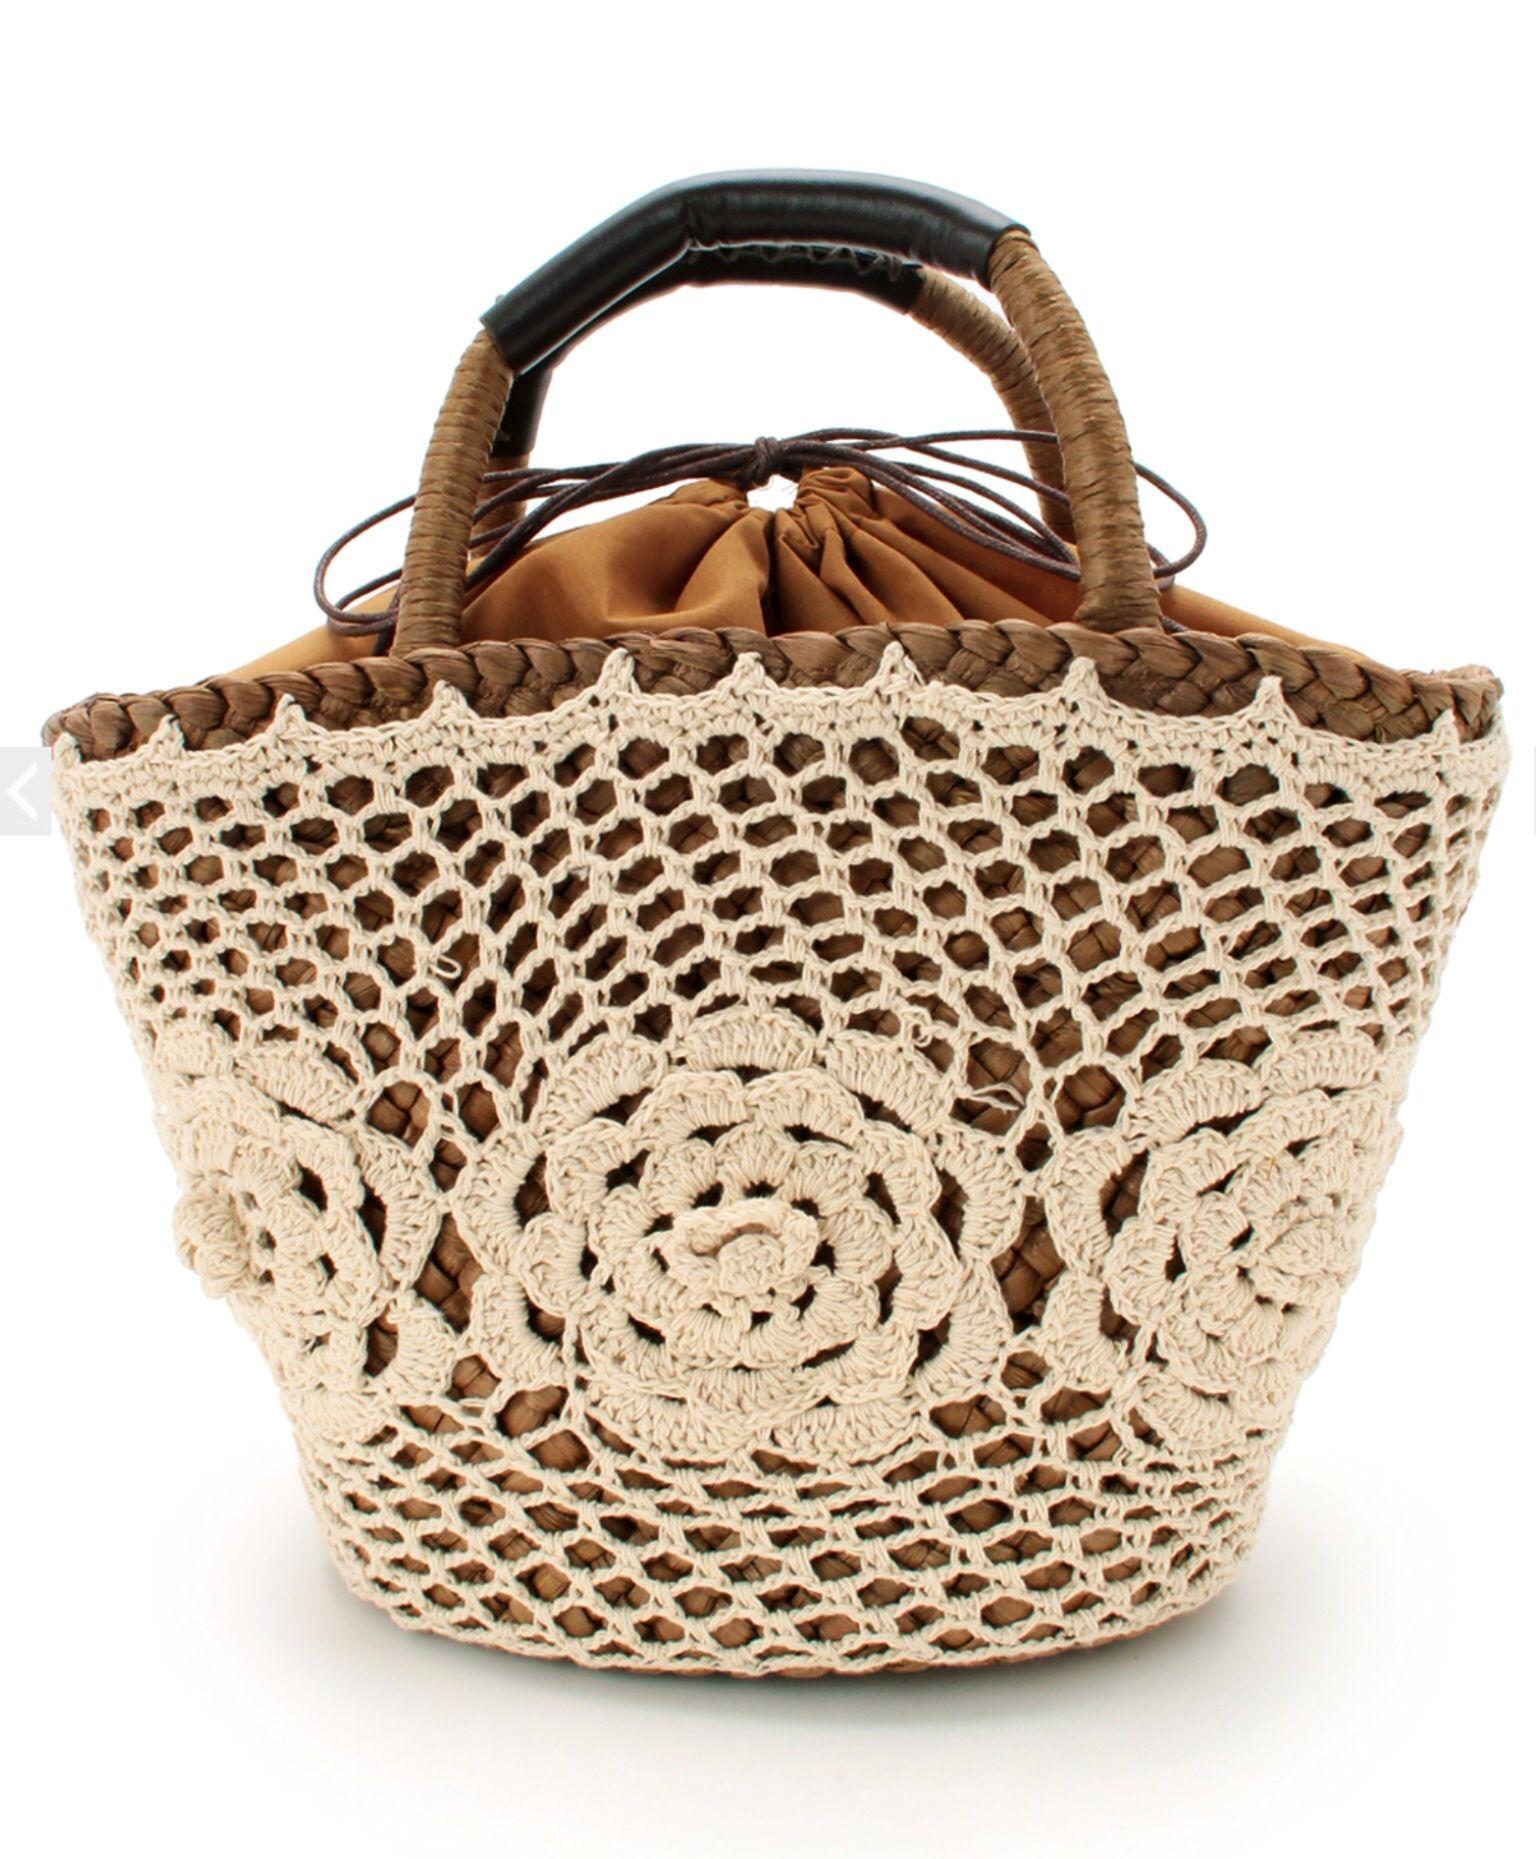 e3f864fb62b16 Crochet Straw Basket Bag